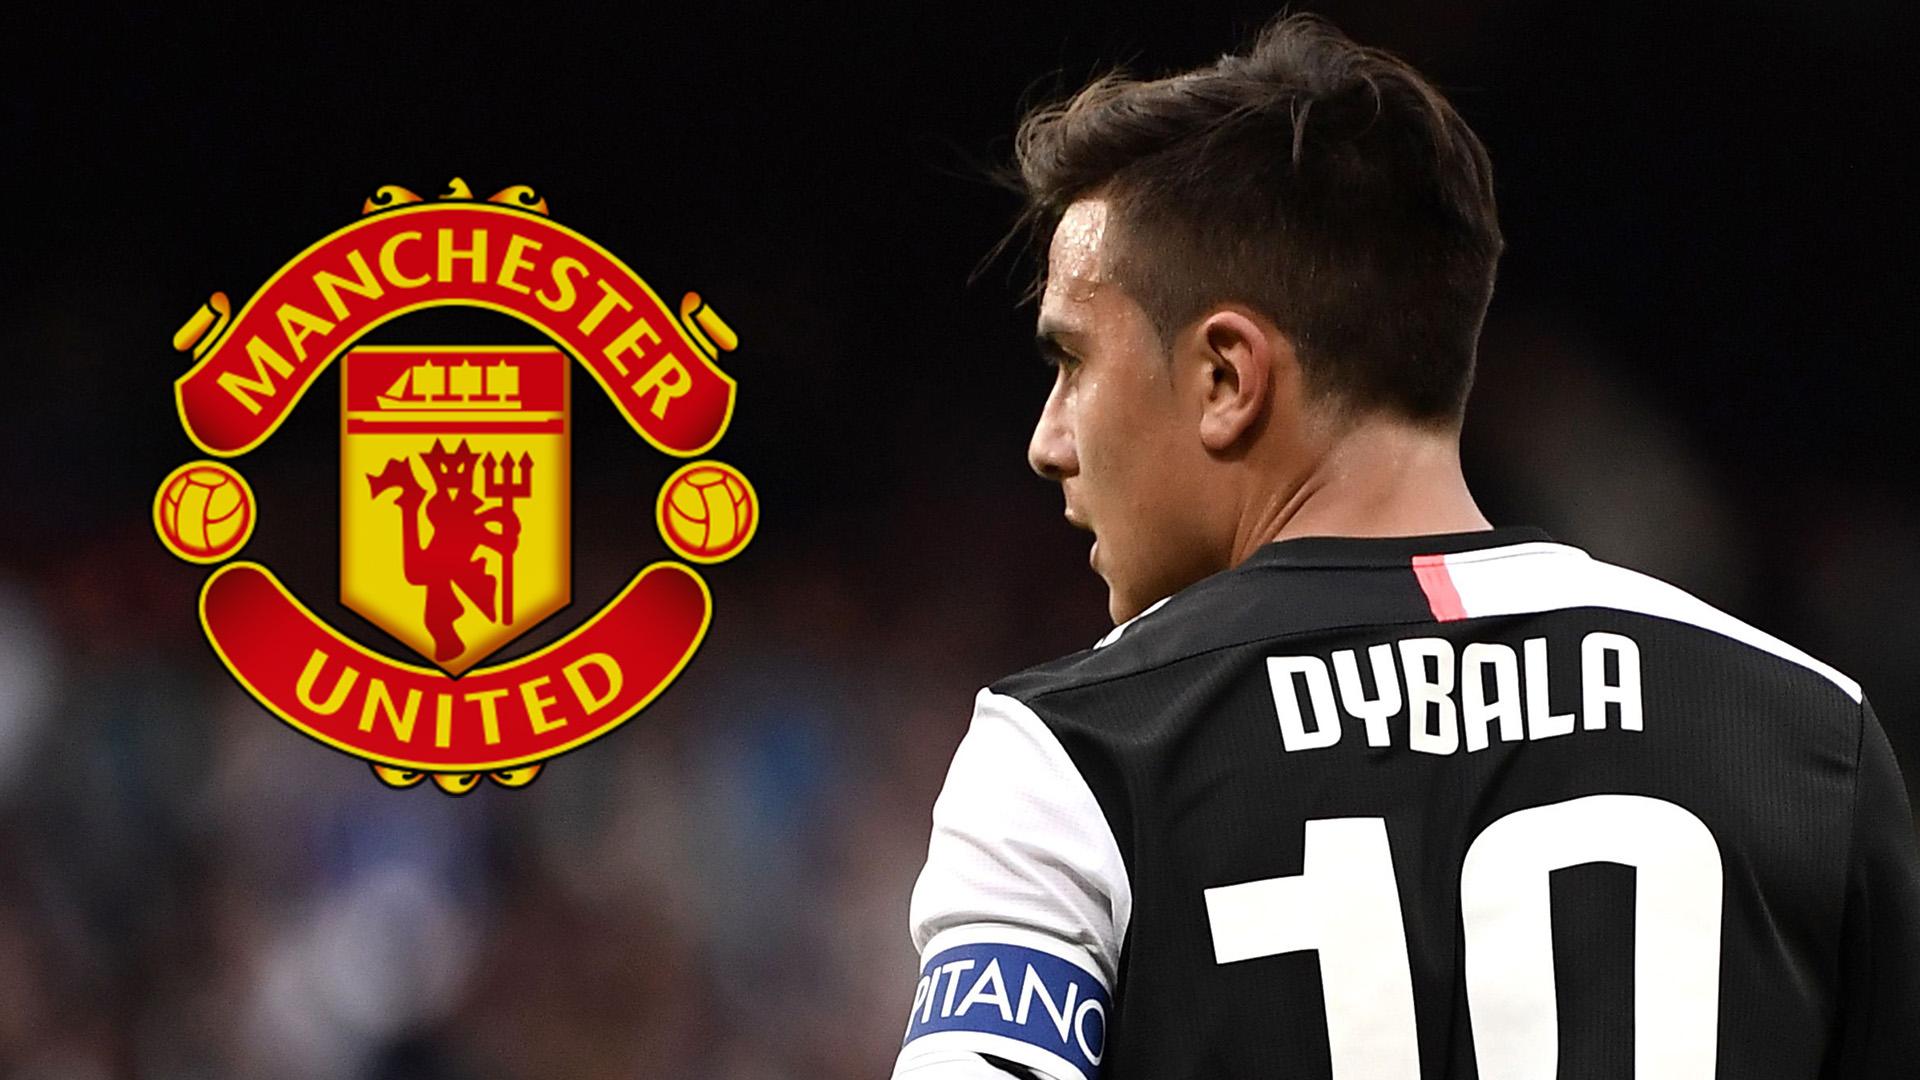 Chuyển nhượng 20/09: Chốt vụ Dybala, M.U tiến sát bom tấn 80 triệu; Mourinho đạt thỏa thuận tới Real; Chelsea ký HĐ kỷ lục - Bóng Đá